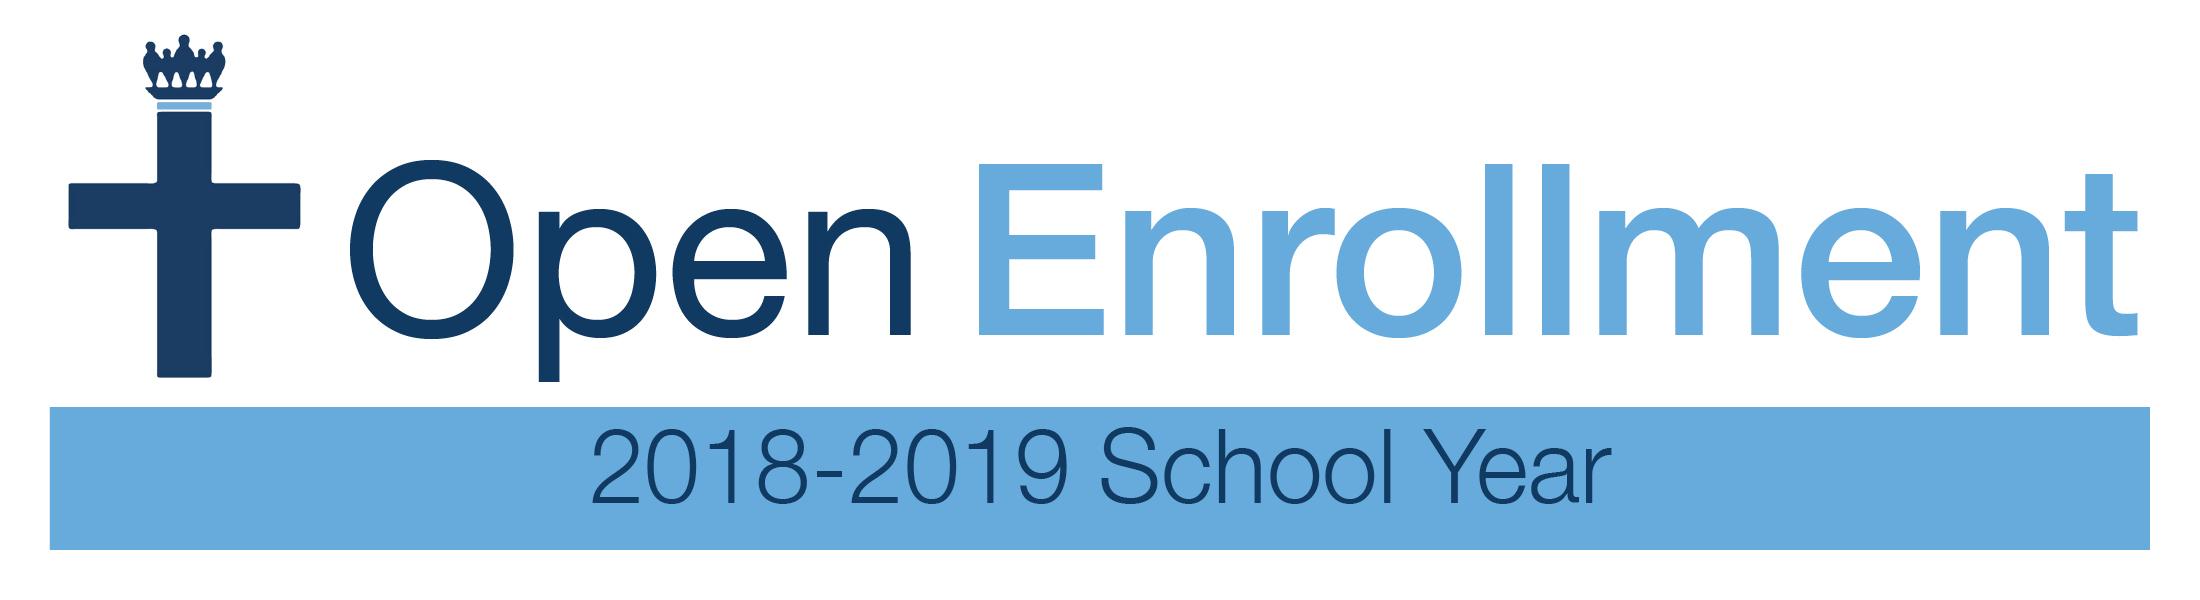 TVA Open Enrollment 2018.jpg